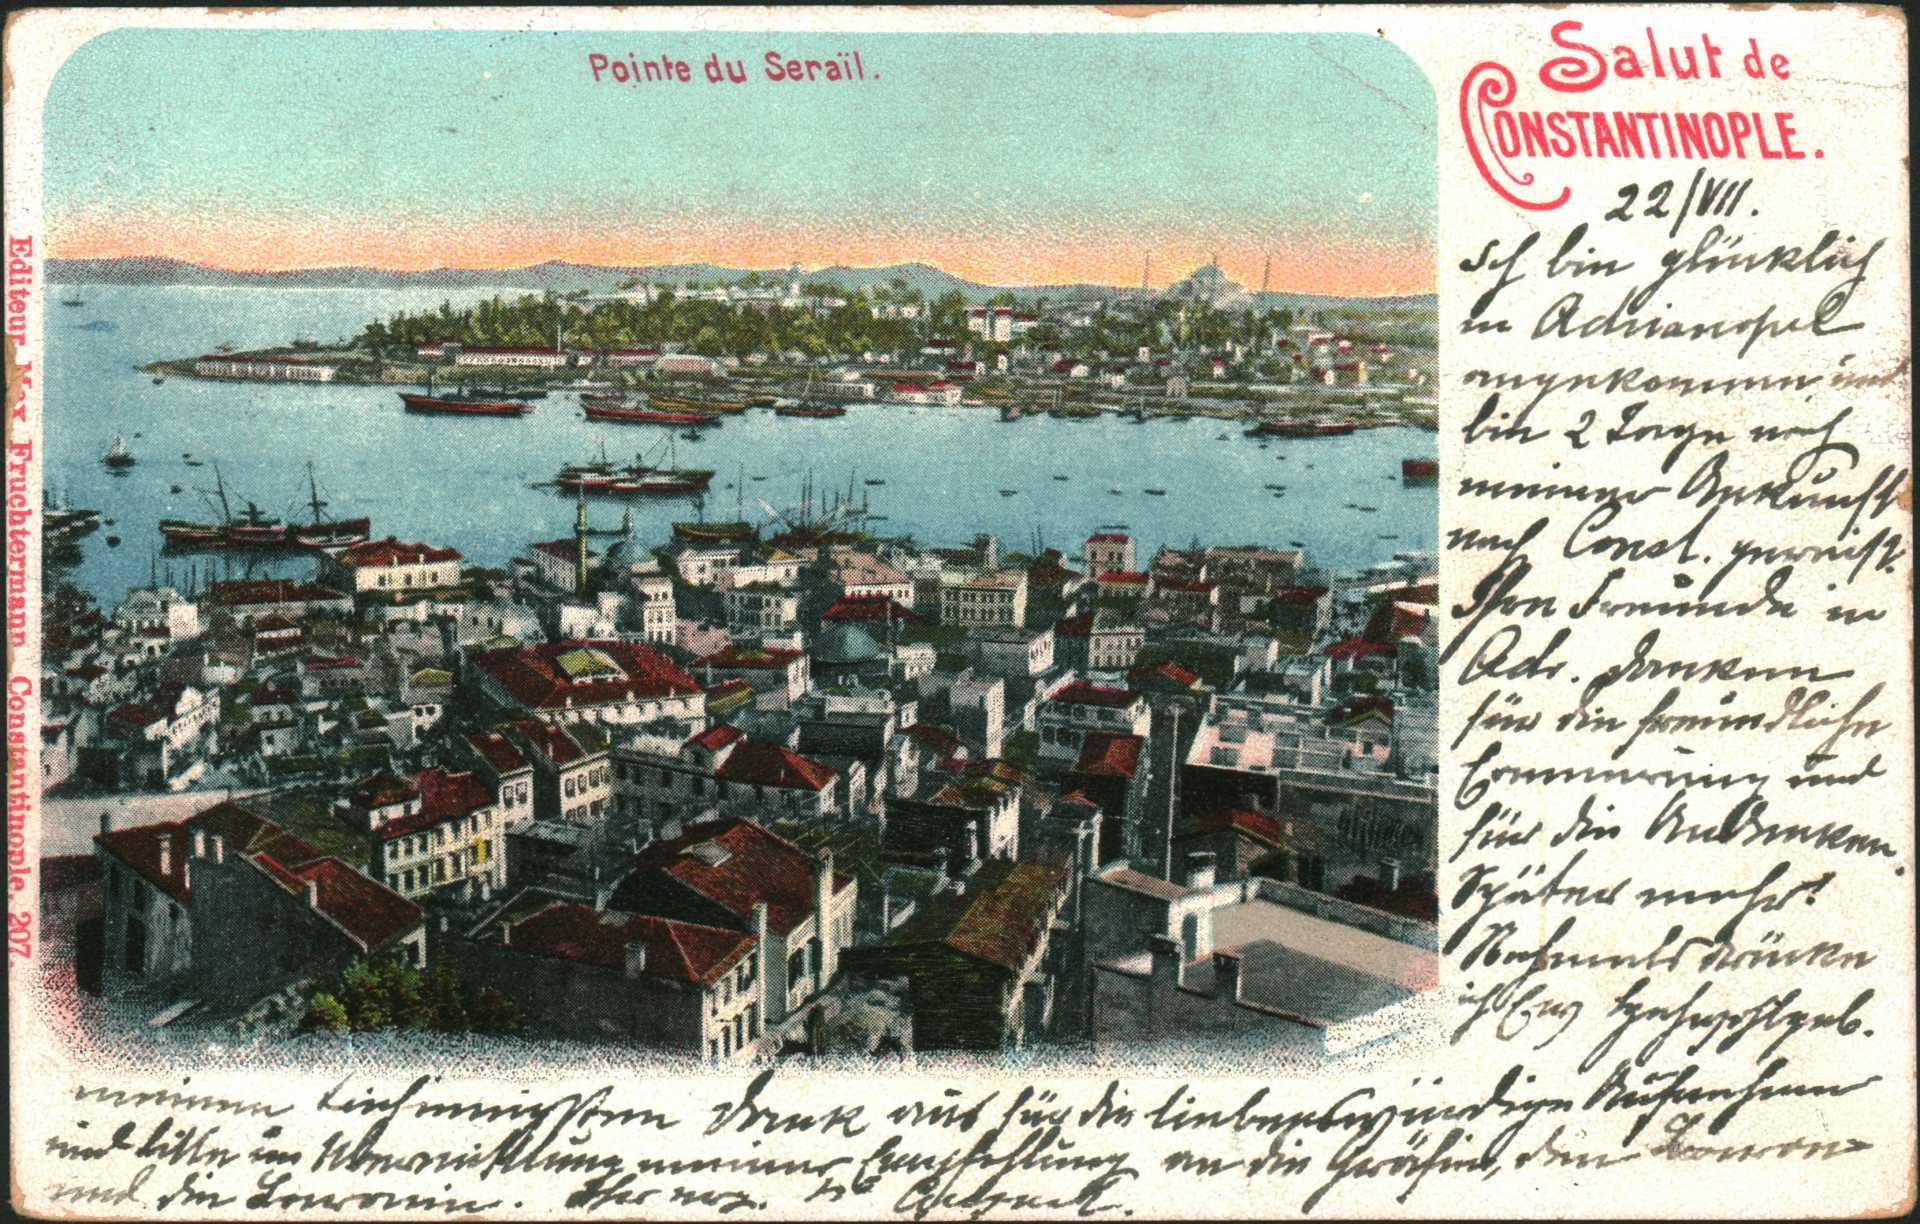 Salut de Constantinople- Pointe du Serail